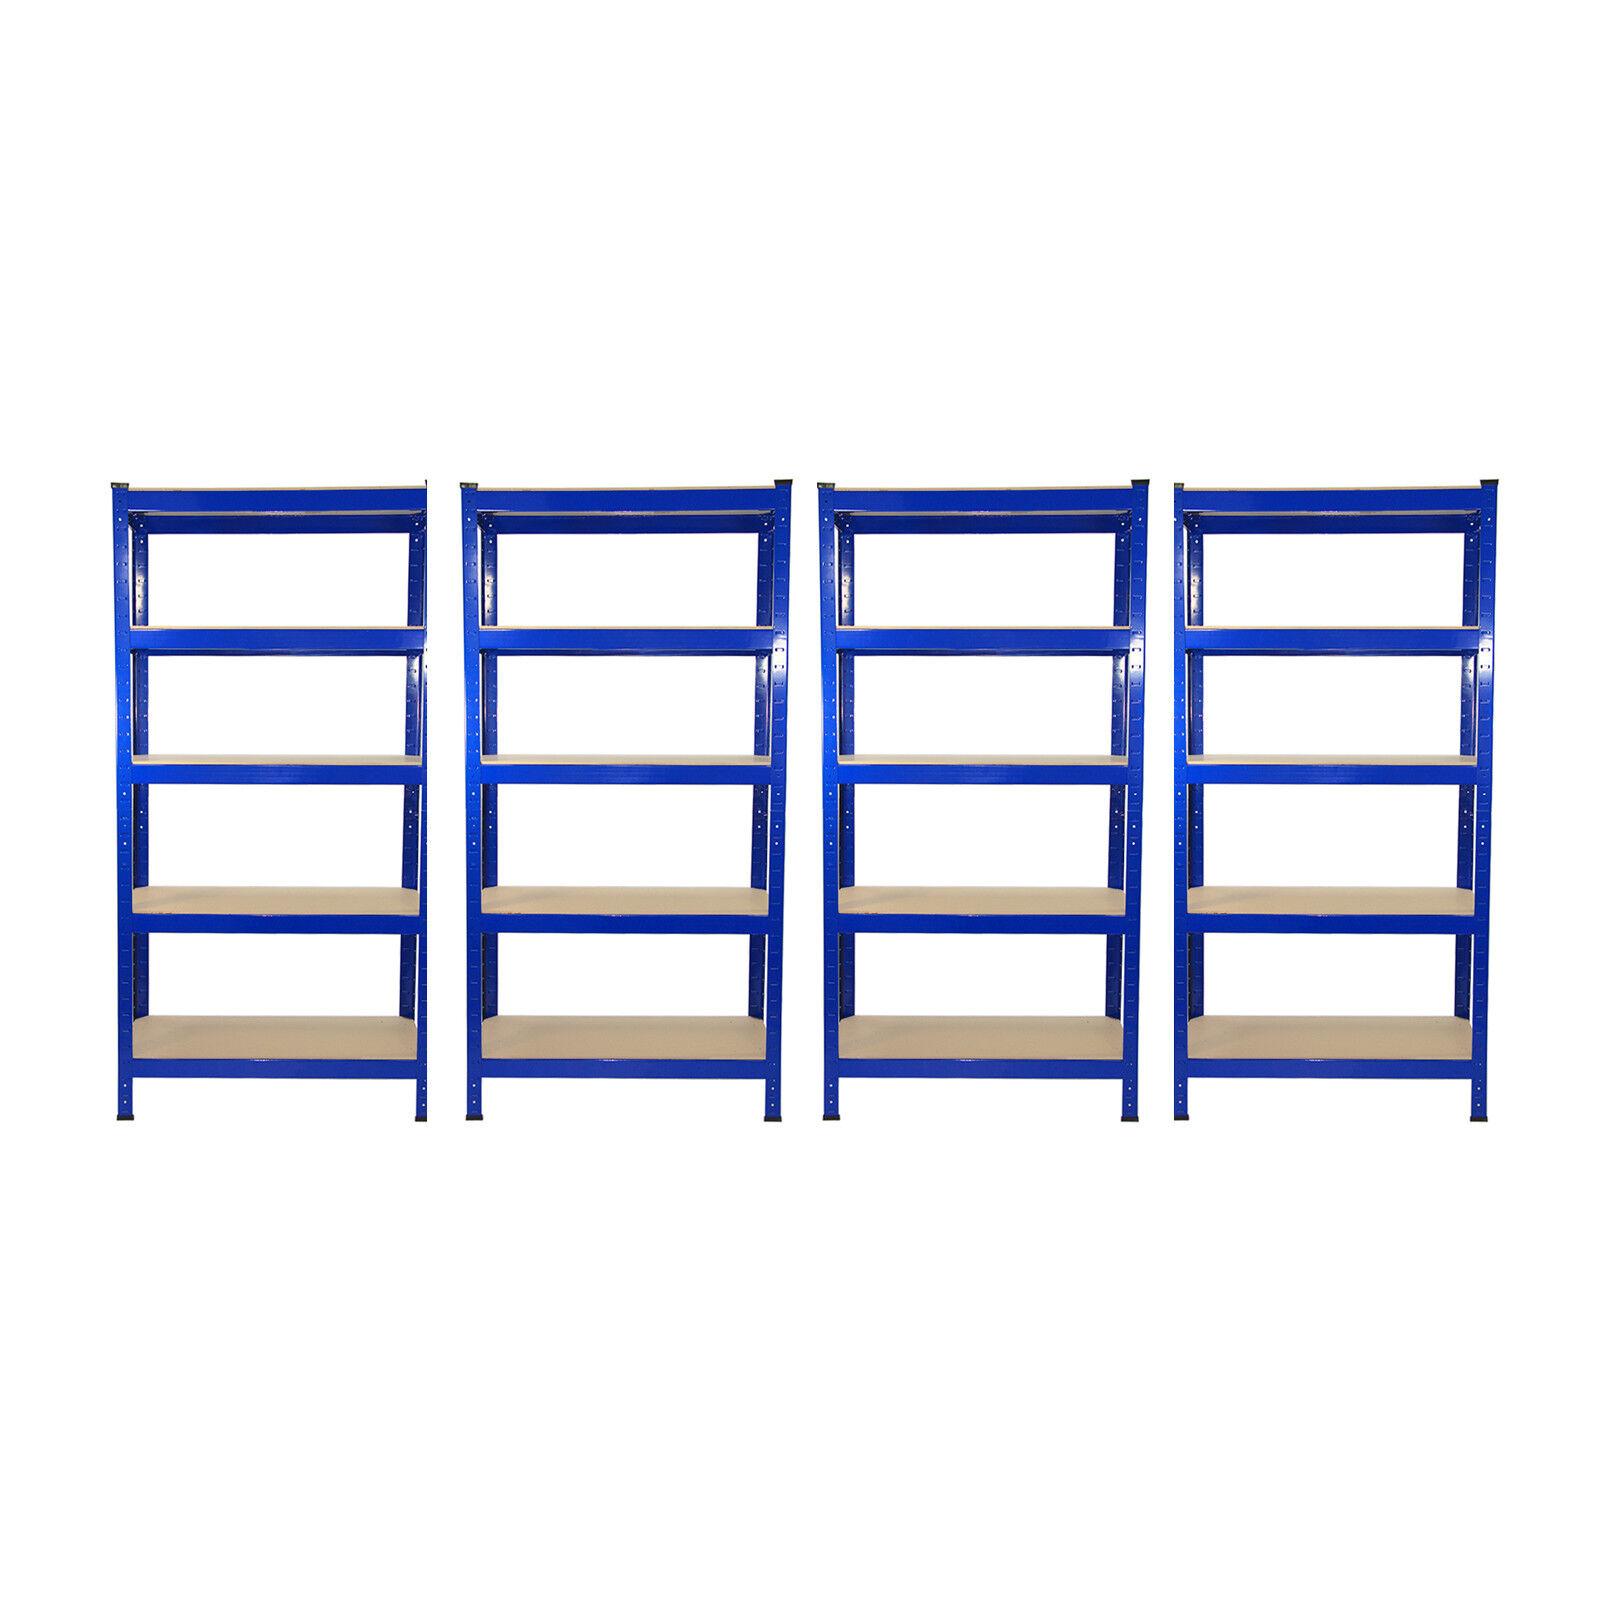 4 Garage Scaffalature Scaffalature In Acciaio Resistente Senza Bulloni a Warehouse Unità 5 Tier 75cm